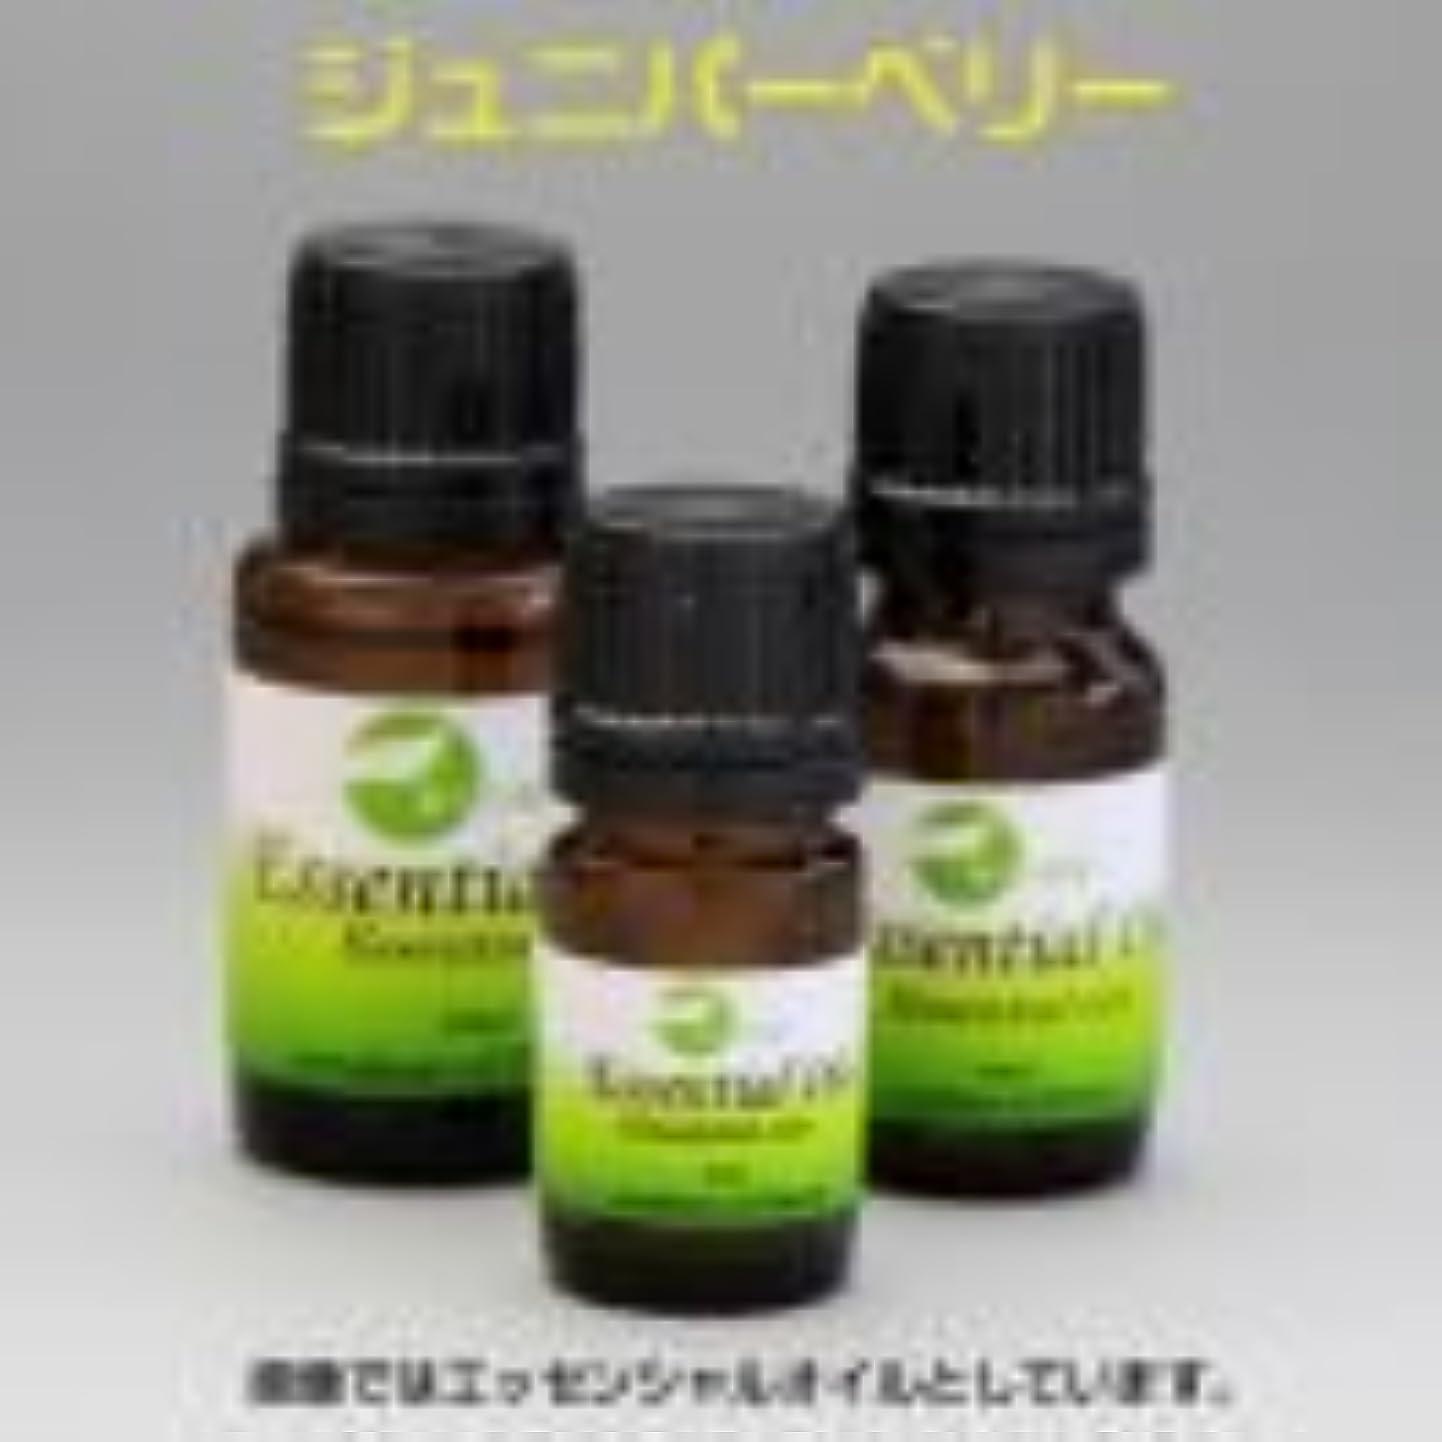 集めるサービス鉄道[エッセンシャルオイル] 松の針葉に似たフレッシュな樹脂の香り ジュニパーベリー 5ml